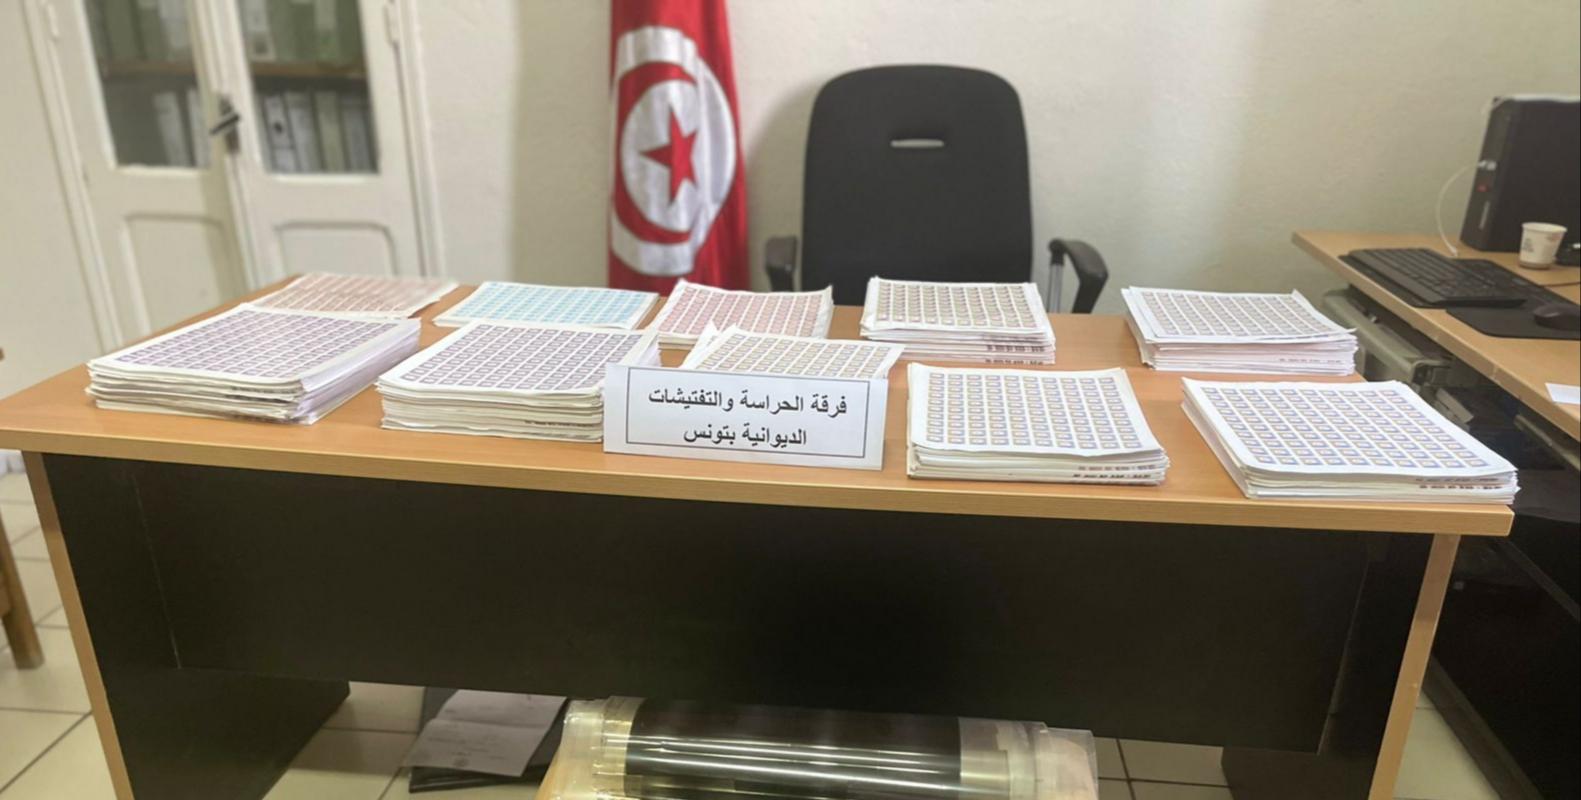 فرقة الحرس الديواني بتونس تفكك شبكة تدليس طوابع جبائية خاصة بدولة أجنبية بقيمة 2 مليون دينار: